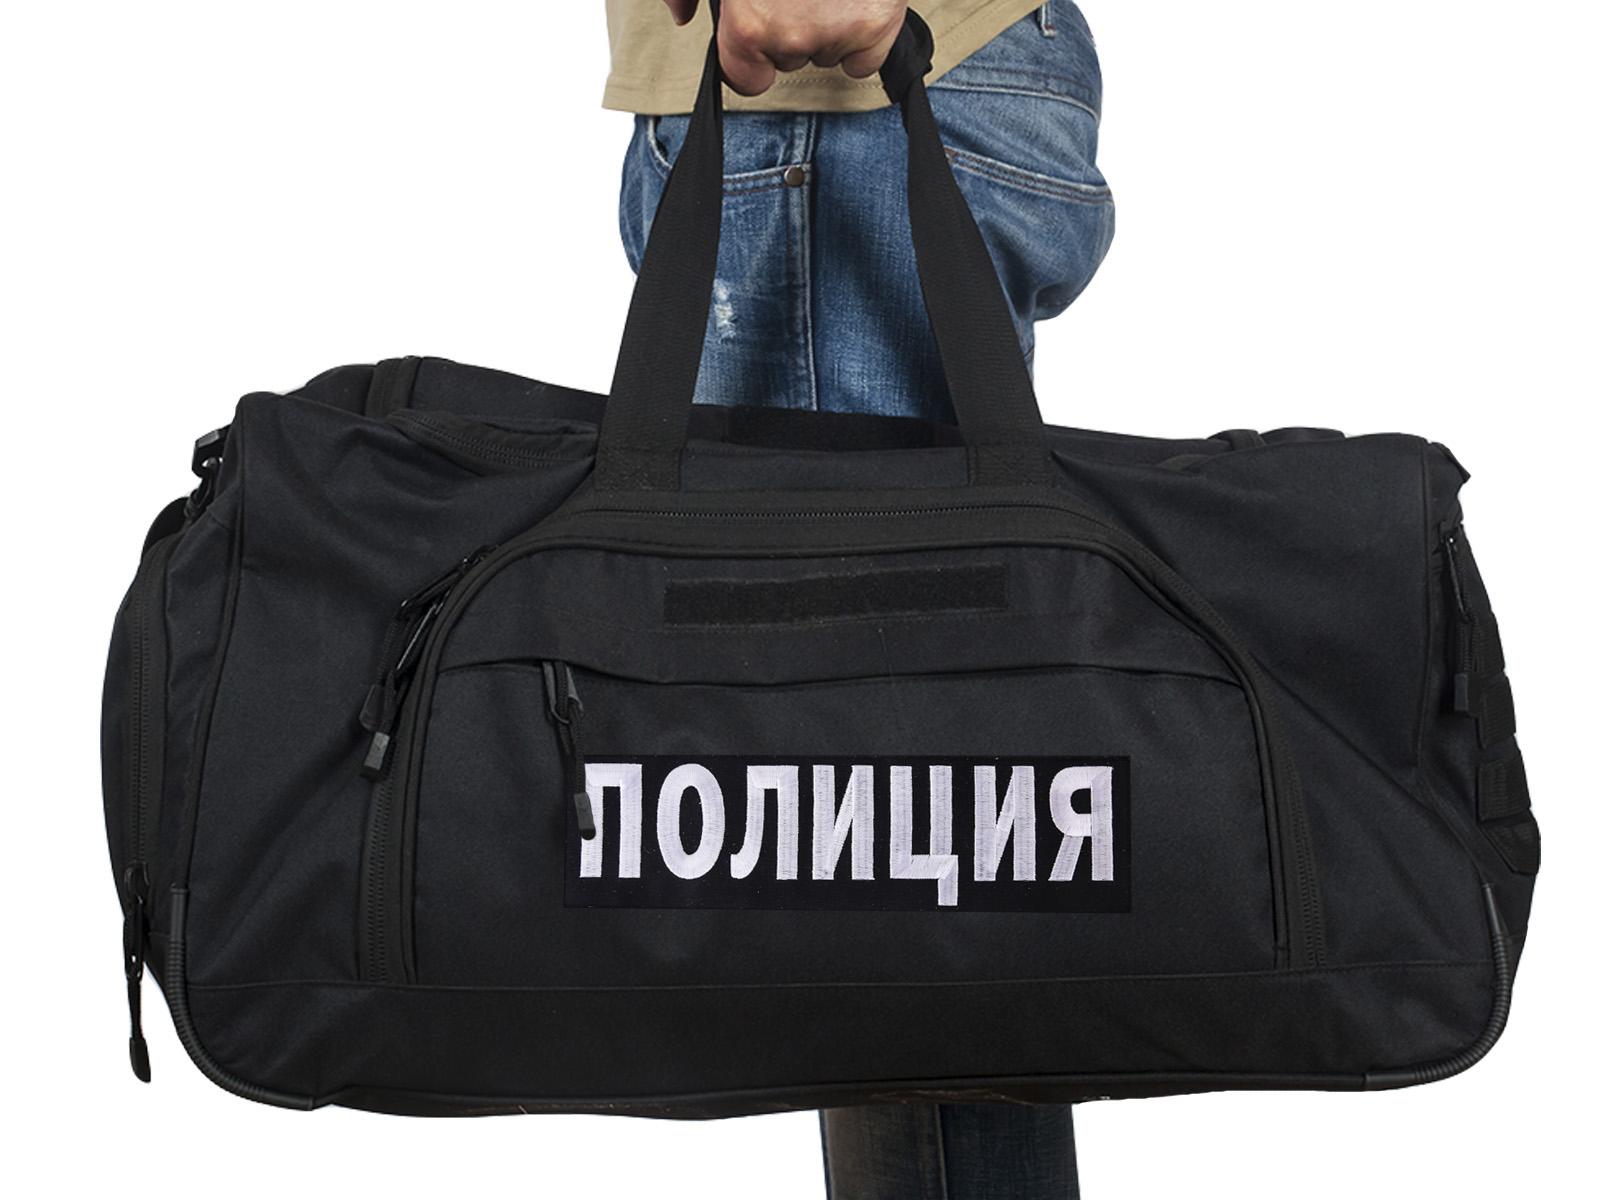 Купить большую военную сумку 08032B Black с нашивкой Полиция с доставкой или самовывозом